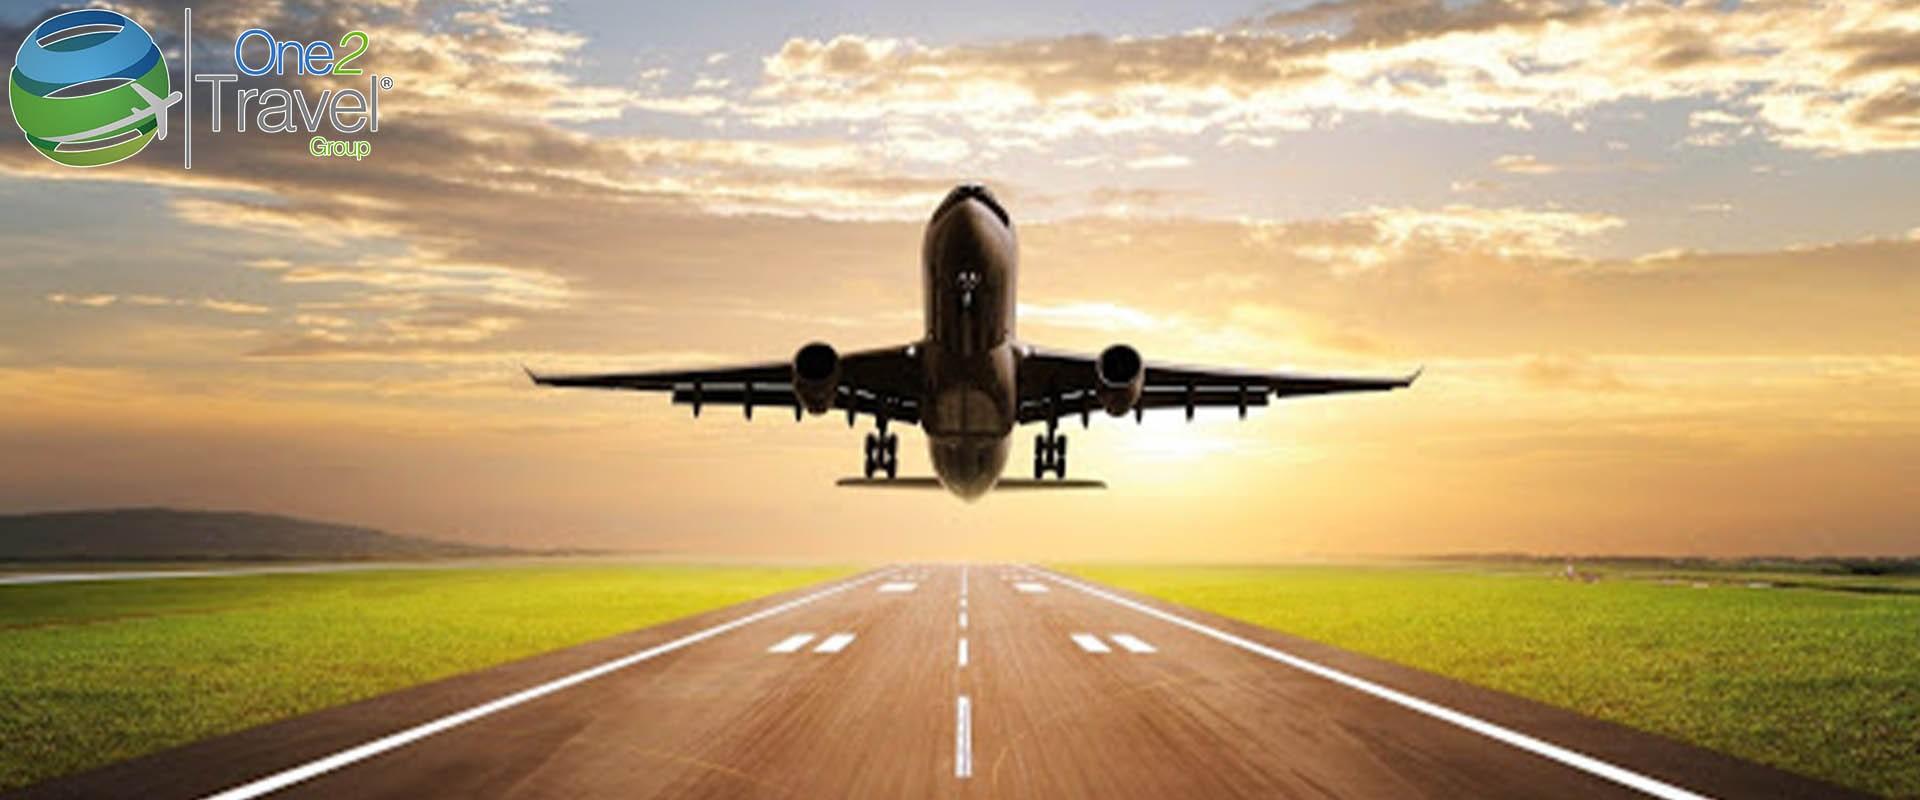 ¿Cuáles son los mejores aeropuertos del mundo? ¿Y por qué?